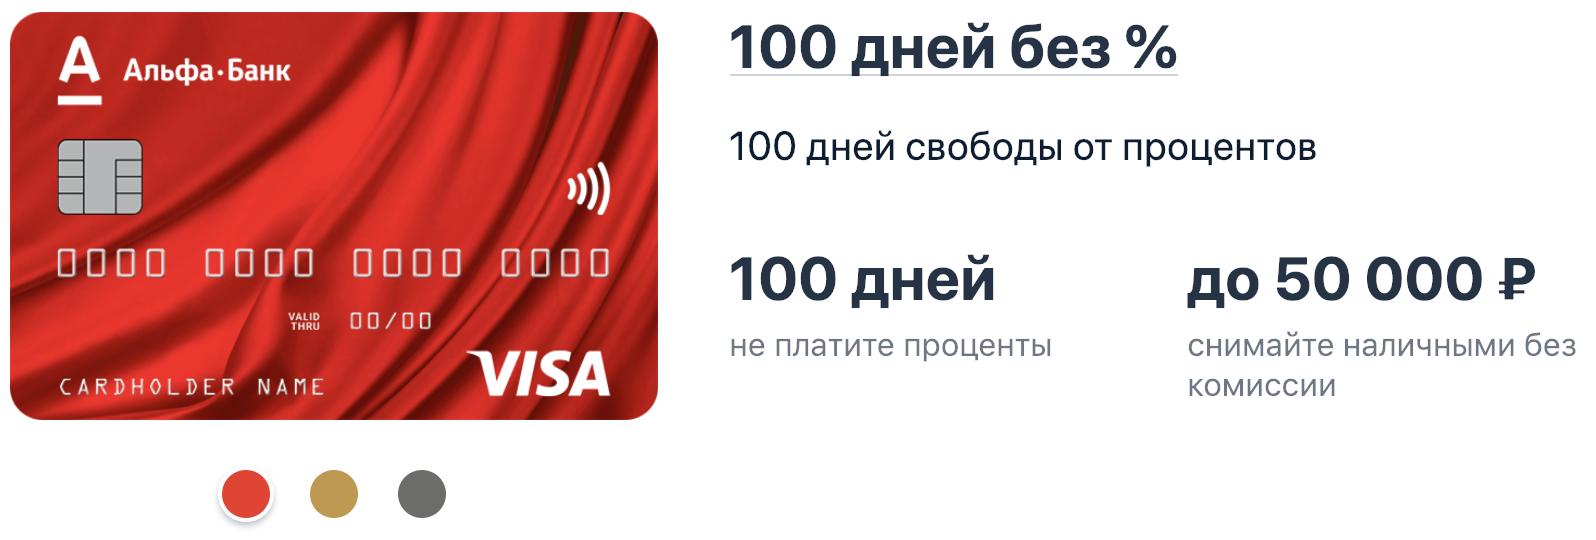 Финтех-дайджест: криптовалюта — это имущество, в РФ выпущено рекордное количество кредиток - 2